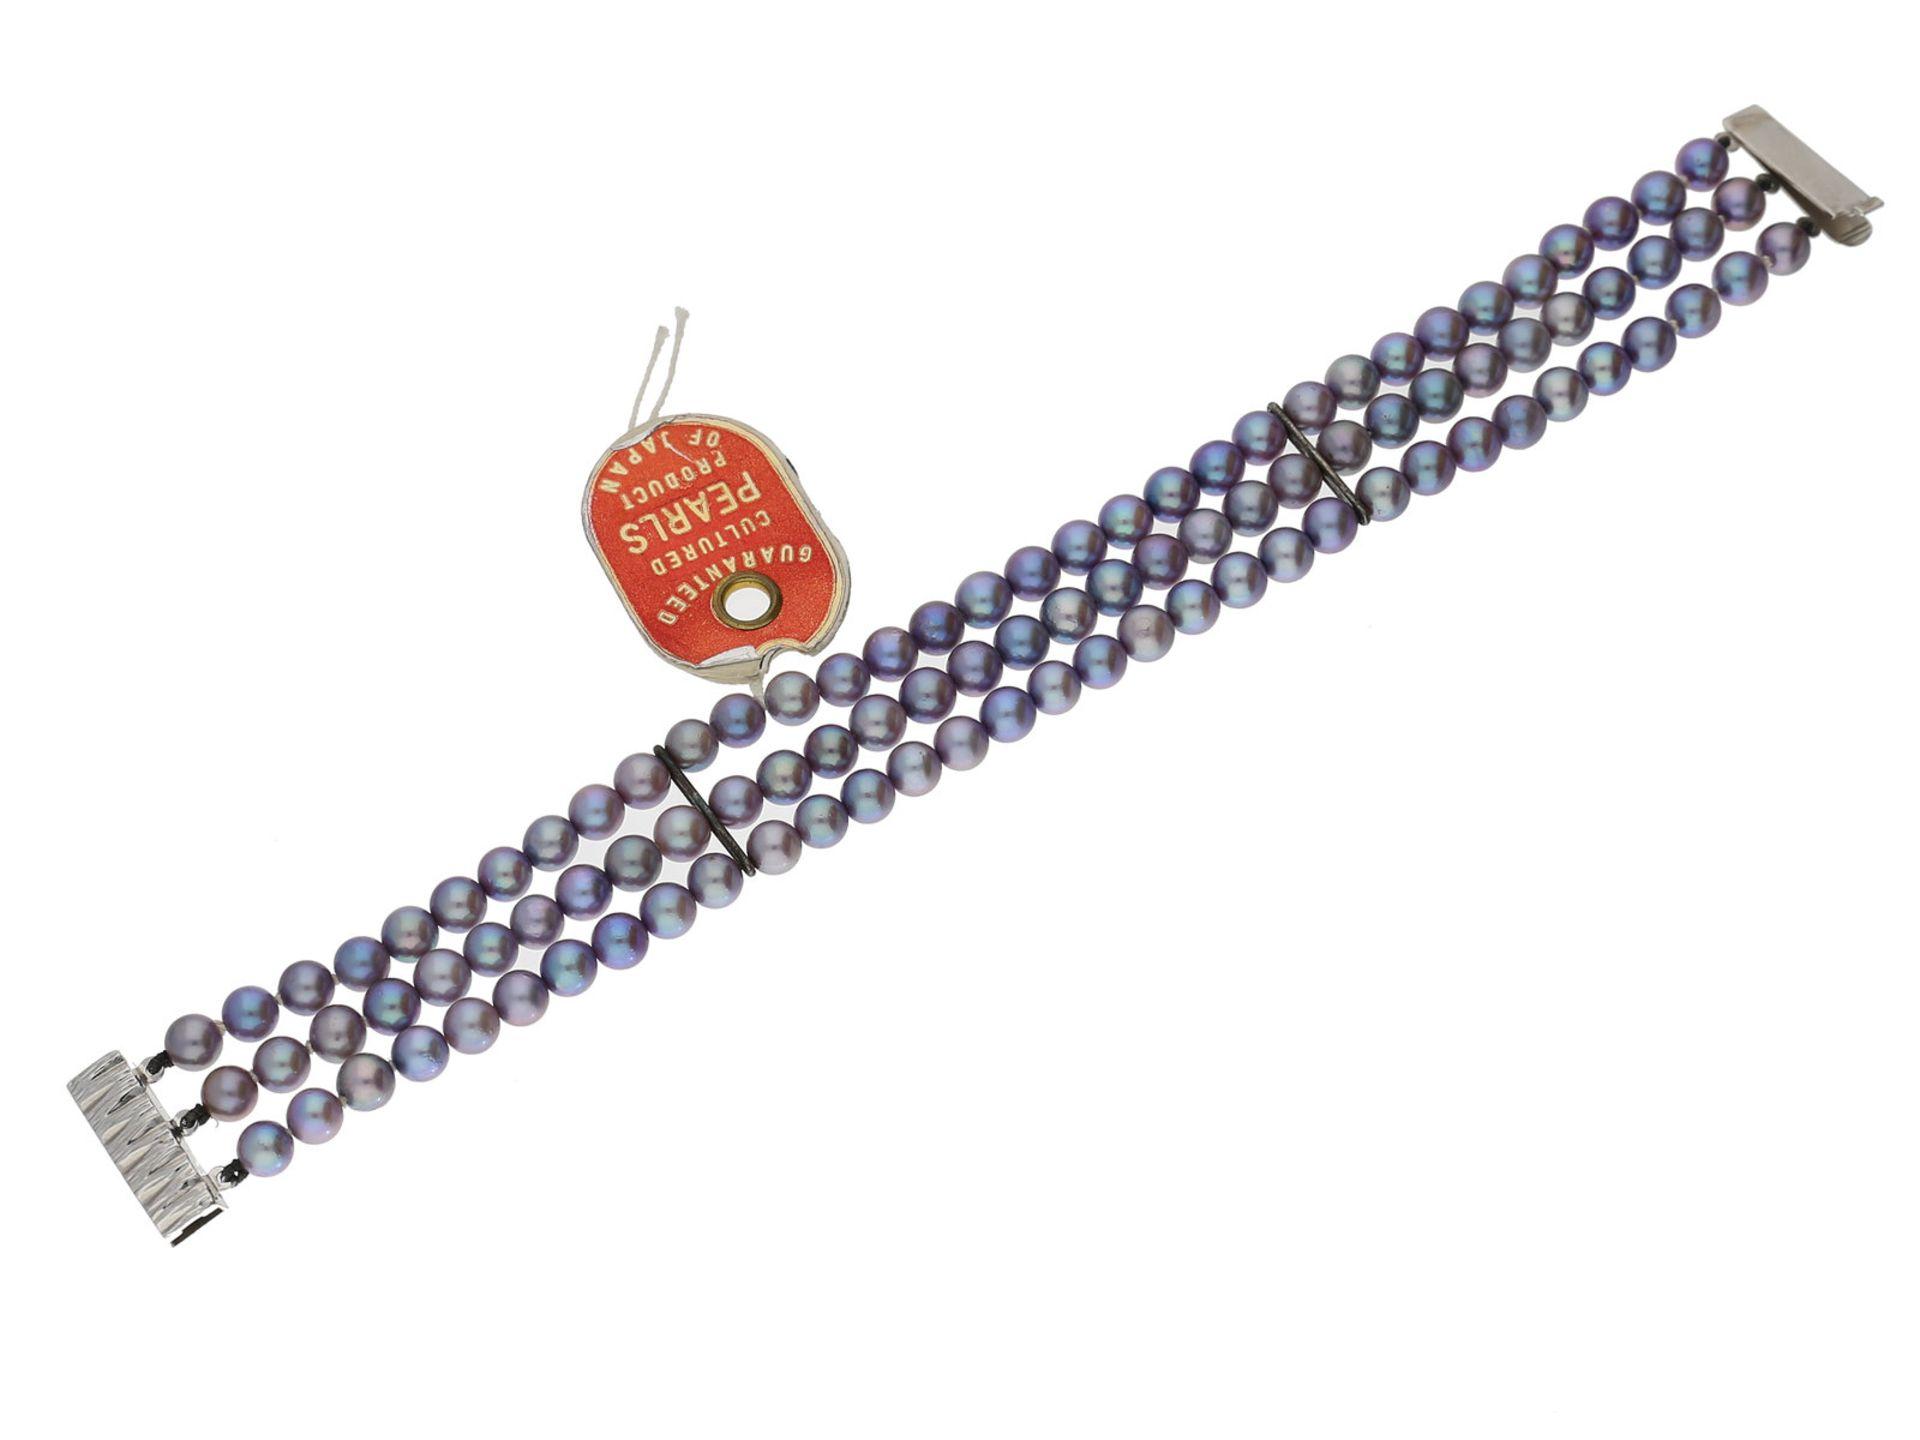 Armband: neuwertiges, 3-reihiges Perlenarmband mit schöner SilberschließeCa. 19cm lang, ca. 18mm